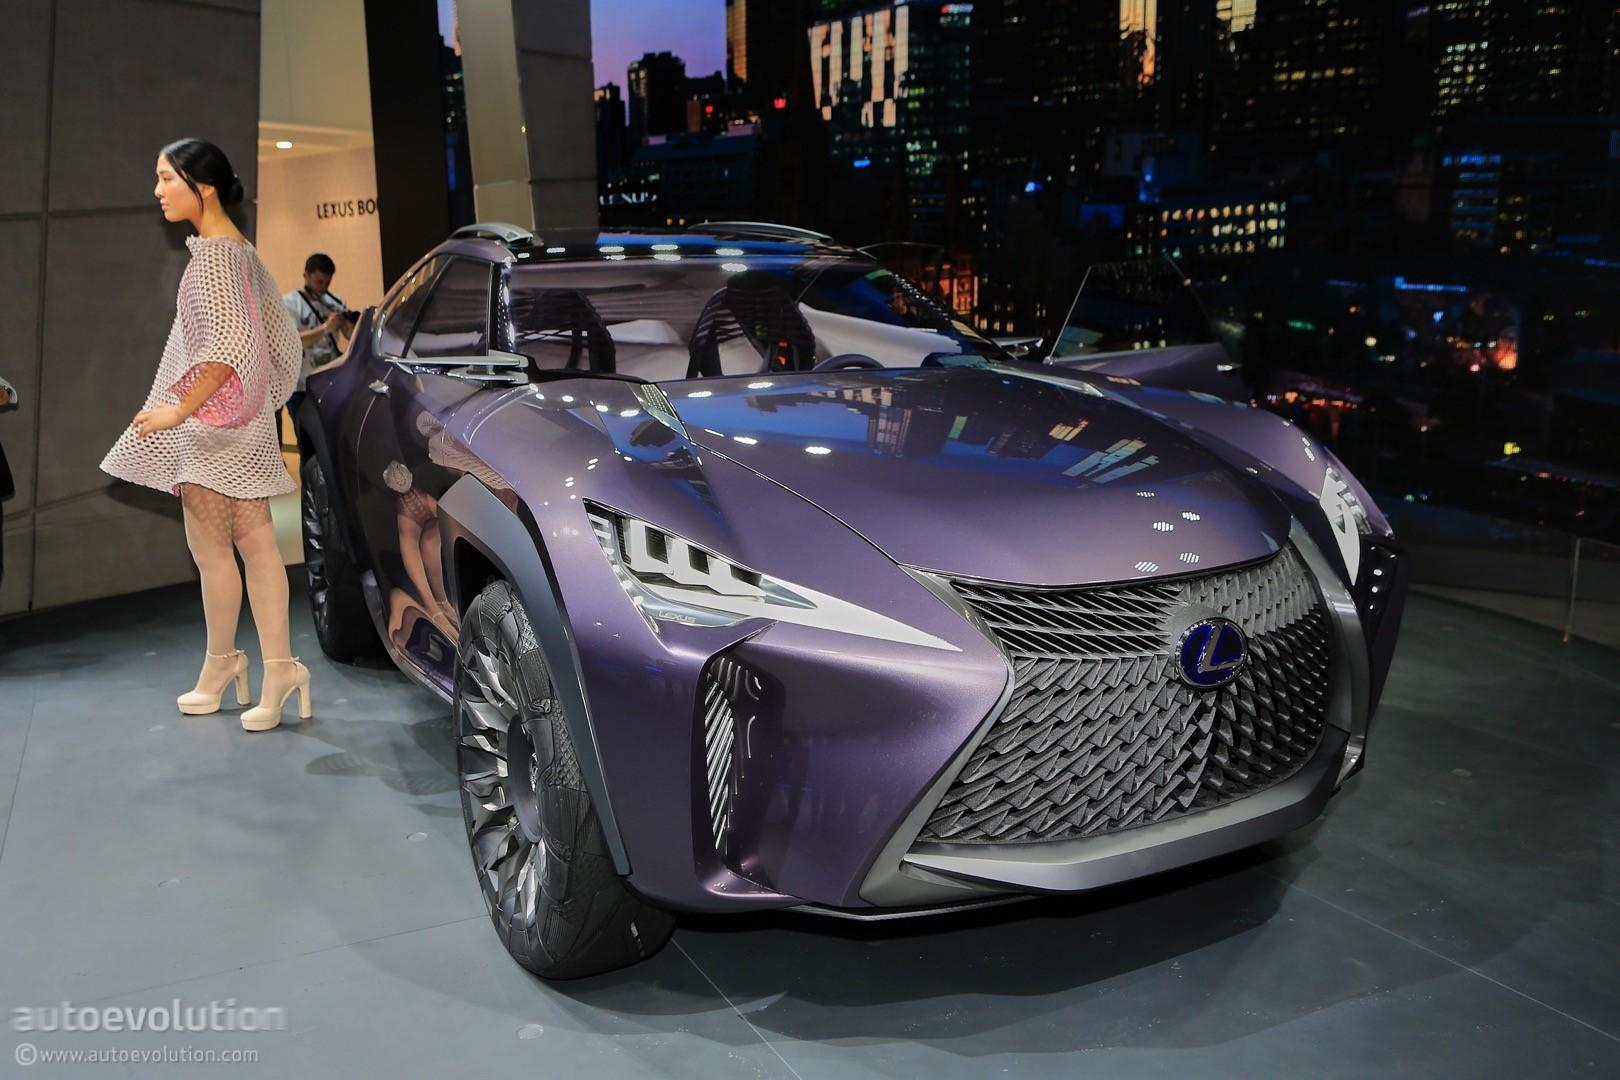 Lexus ux concept looks out of place at 2016 paris motor show autoevolution - Paris motor show ...